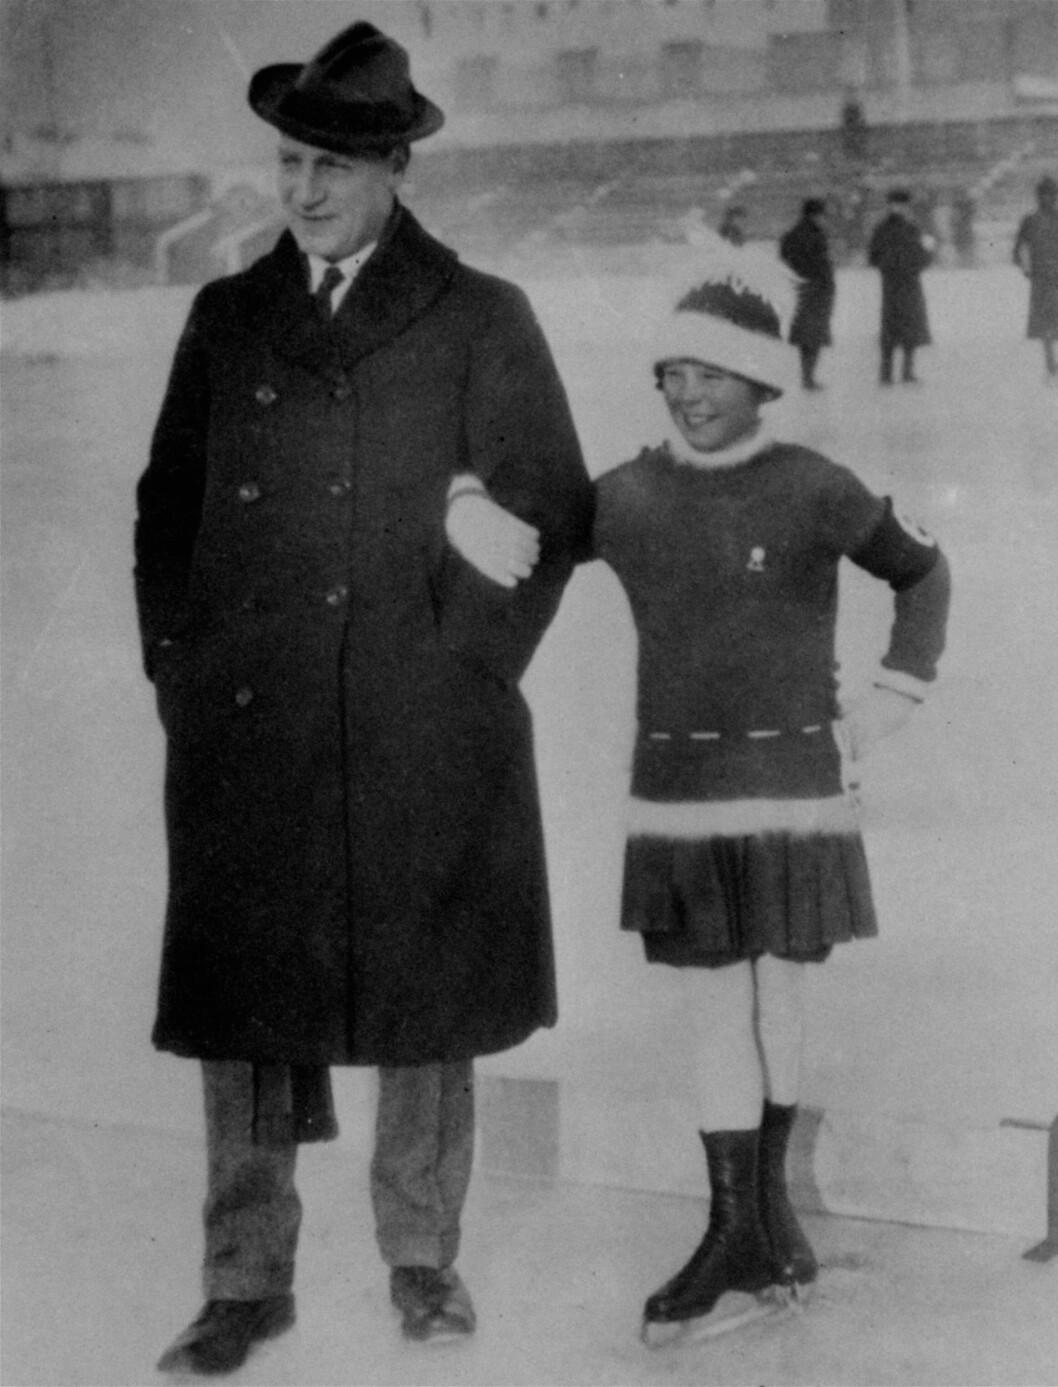 <strong>TIDLIG KRØKES:</strong> Sonja Henie med olympisk mester og prisidenten av det internasjonale skøyteforbundet Ulrich Salchow i Wien i 1925.    Foto: NTB scanpix